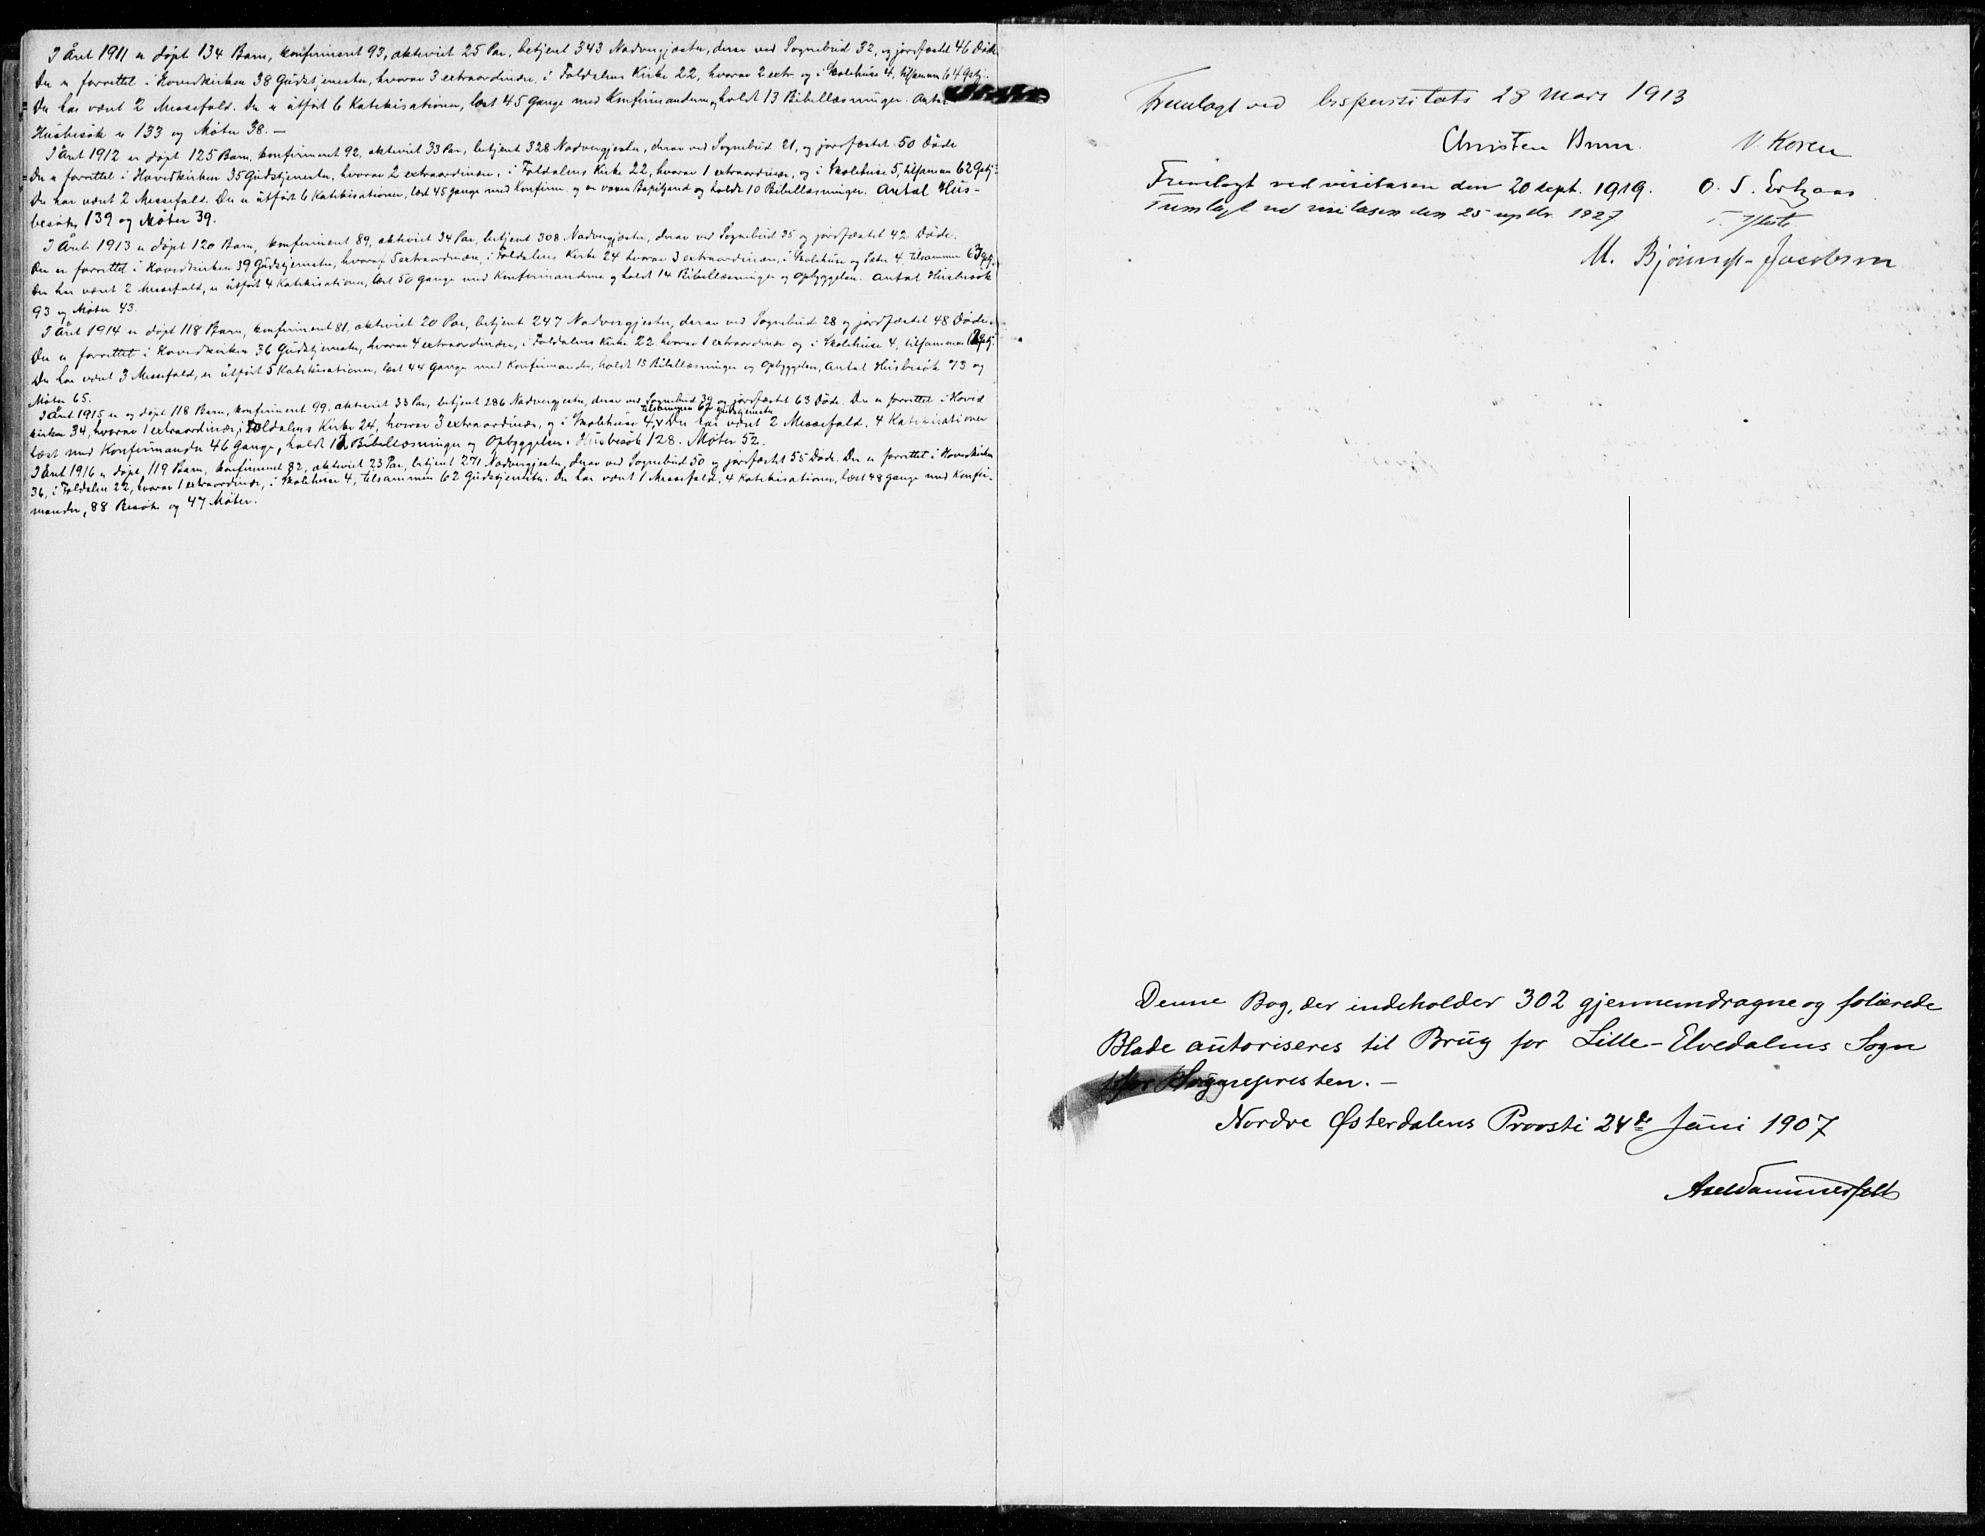 SAH, Alvdal prestekontor, Ministerialbok nr. 4, 1907-1919